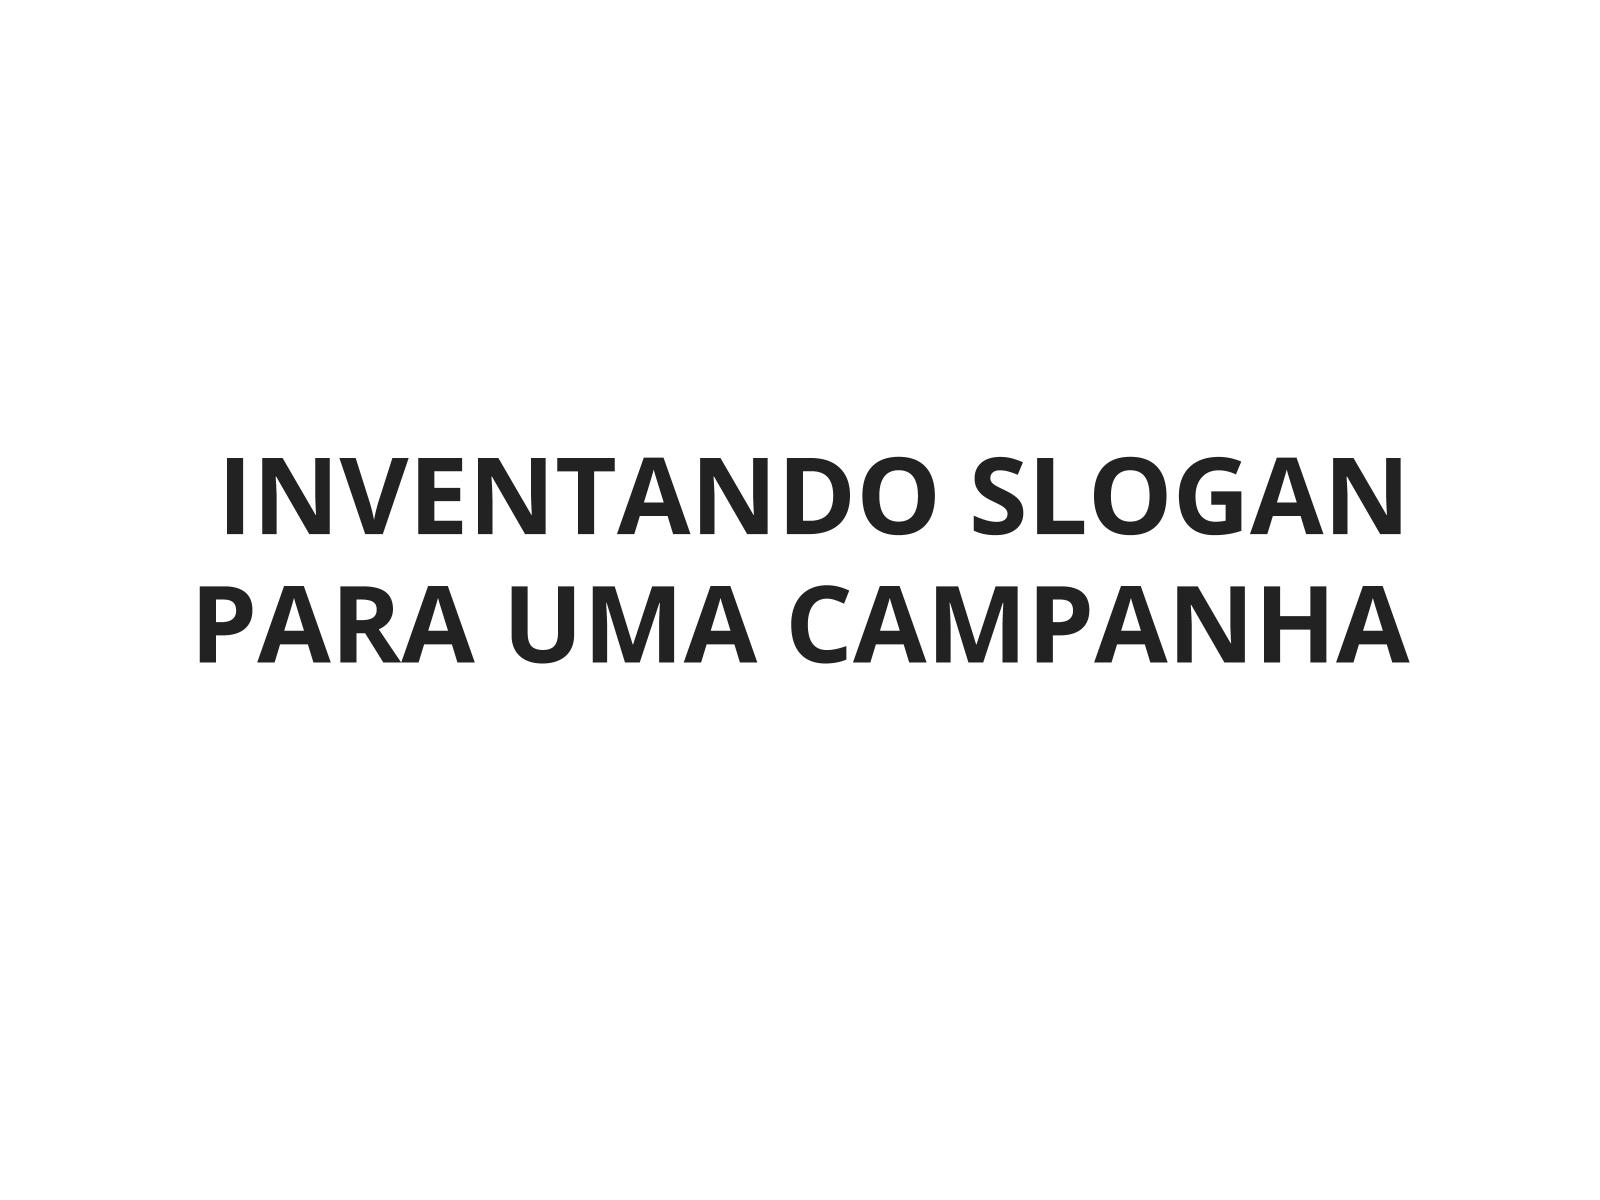 Inventando  slogan para uma campanha